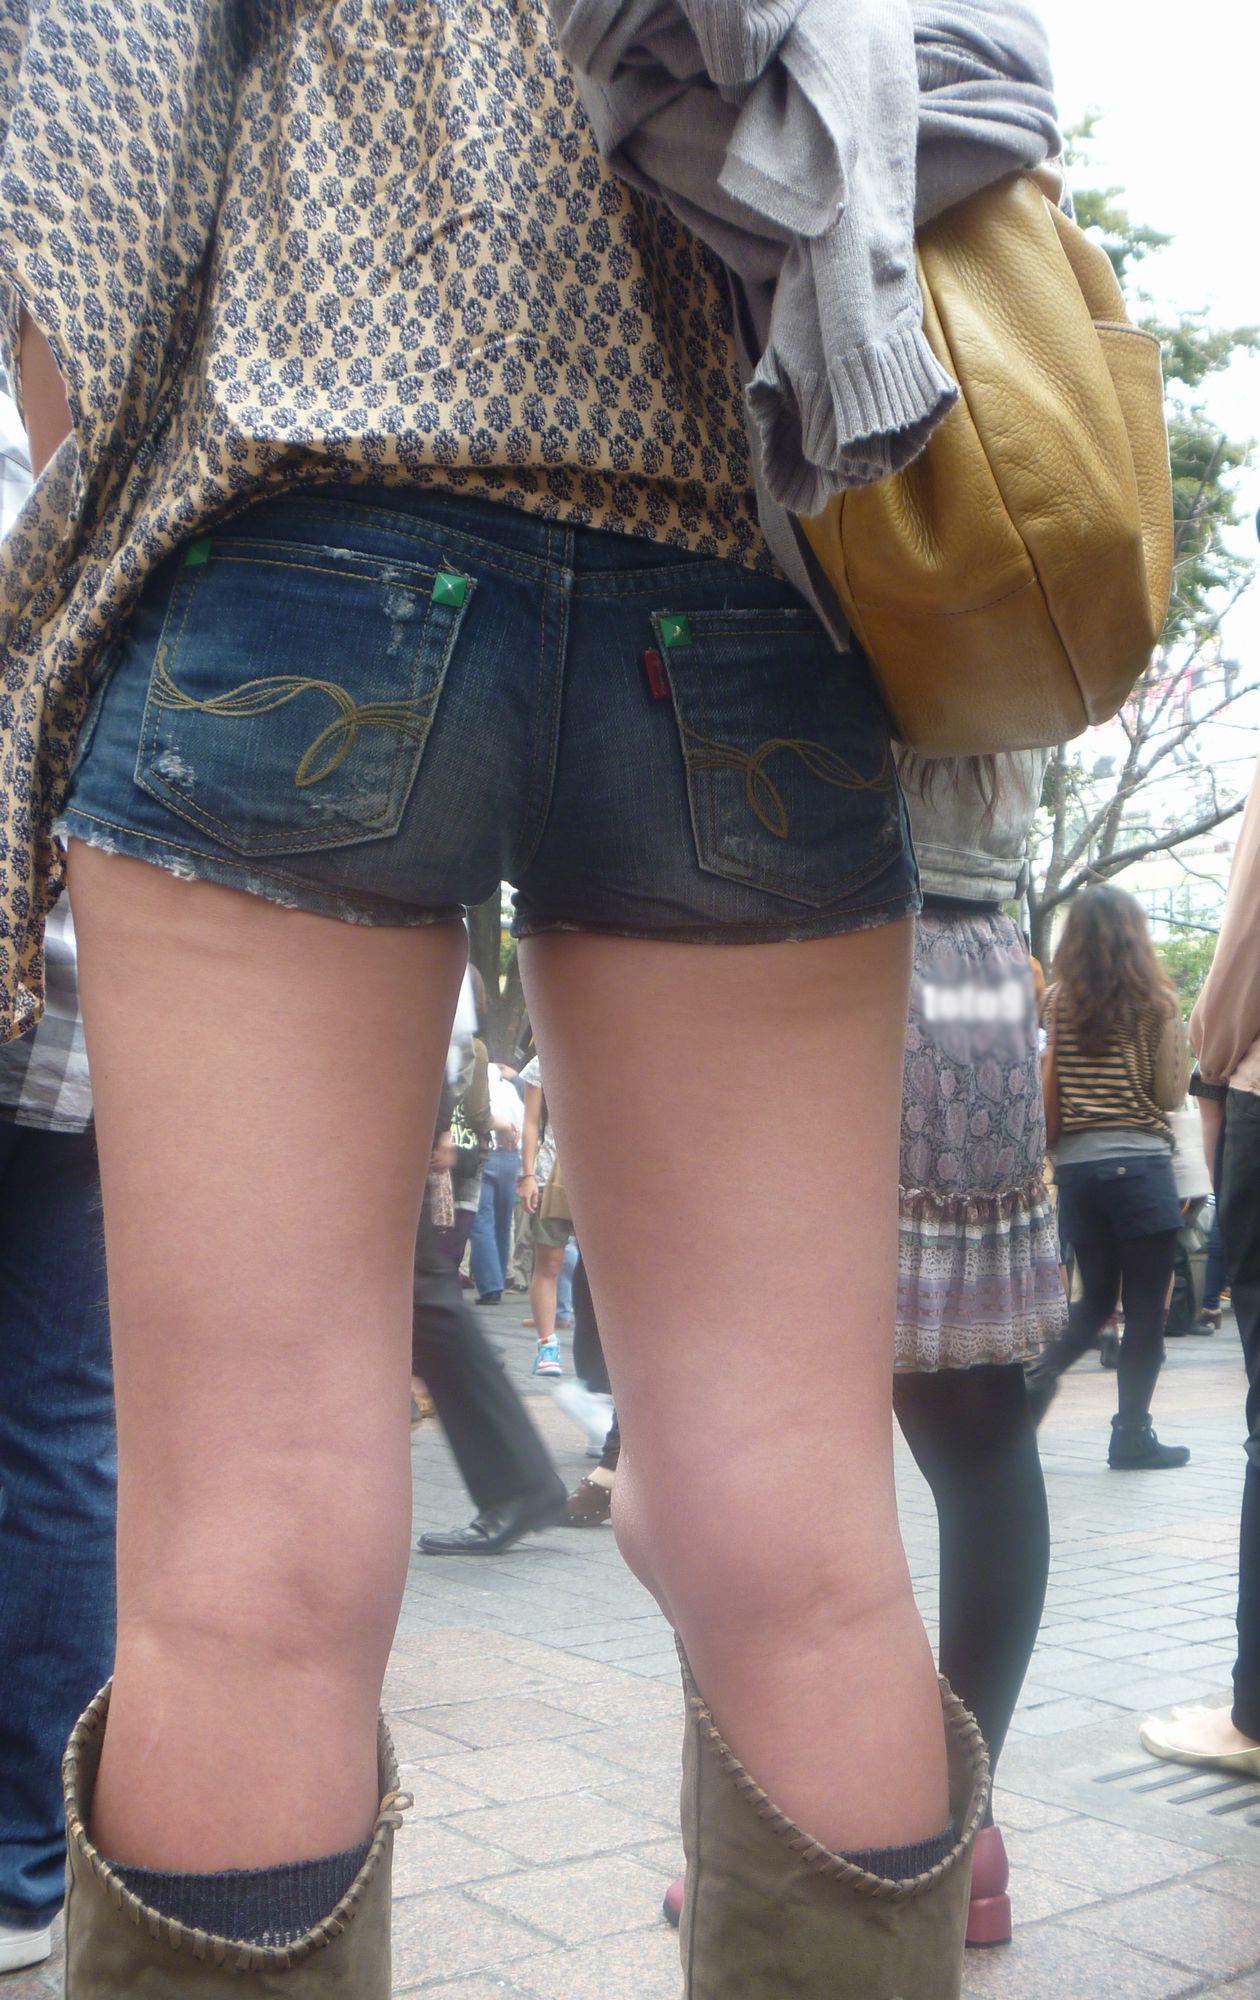 【短パン街撮り画像】美脚とヒップラインが際立つ短パン女性を背後から眺める 19